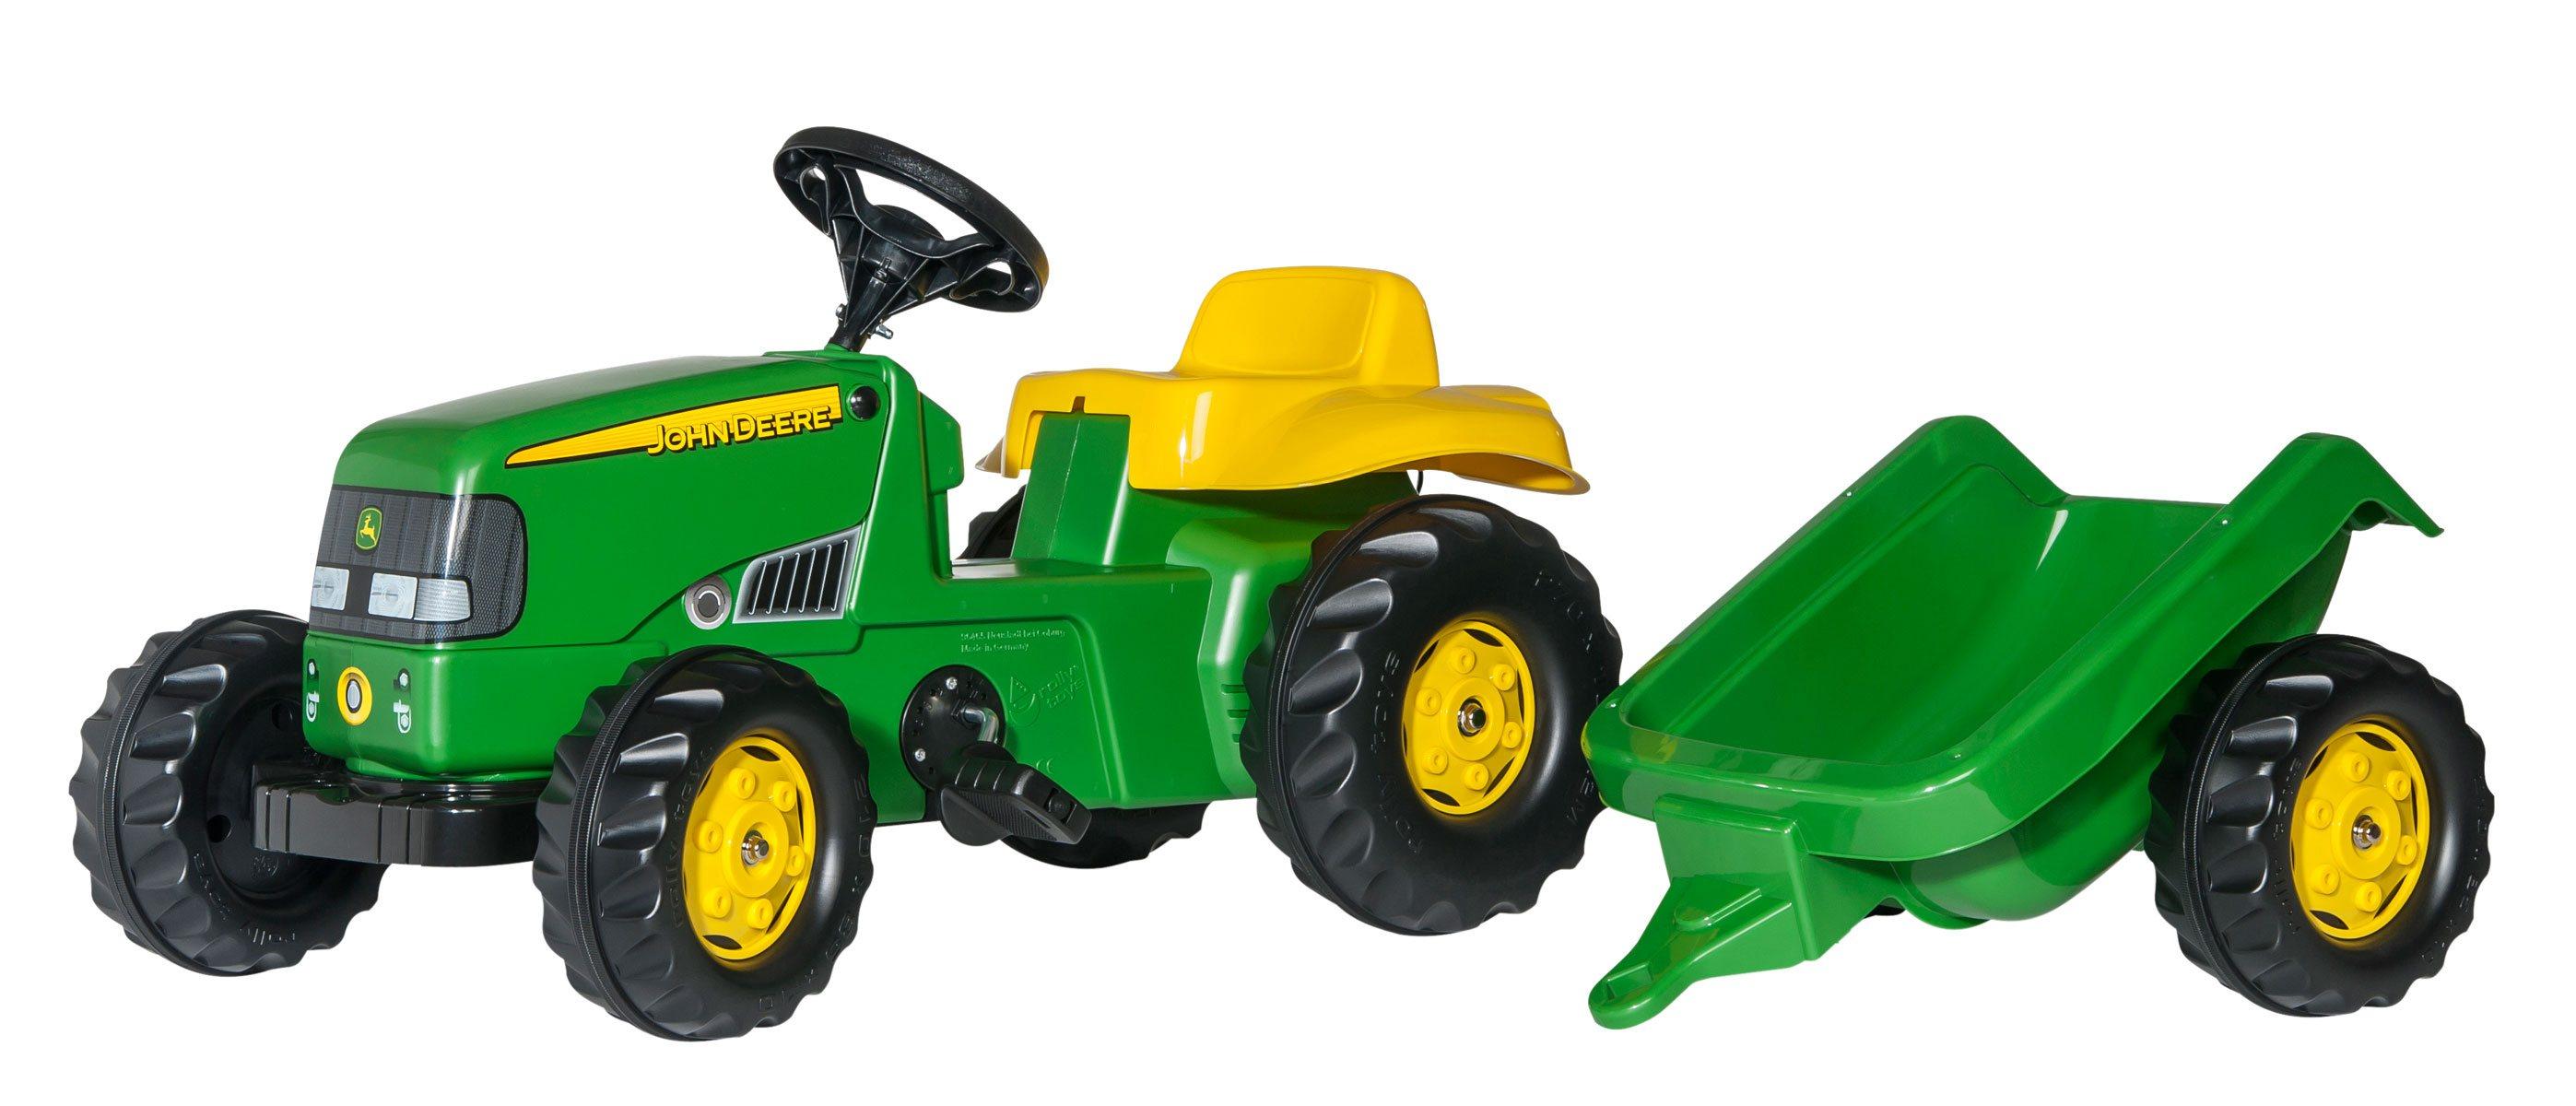 Tractor De Pedales - John Deere Infantil Con Remolque width=